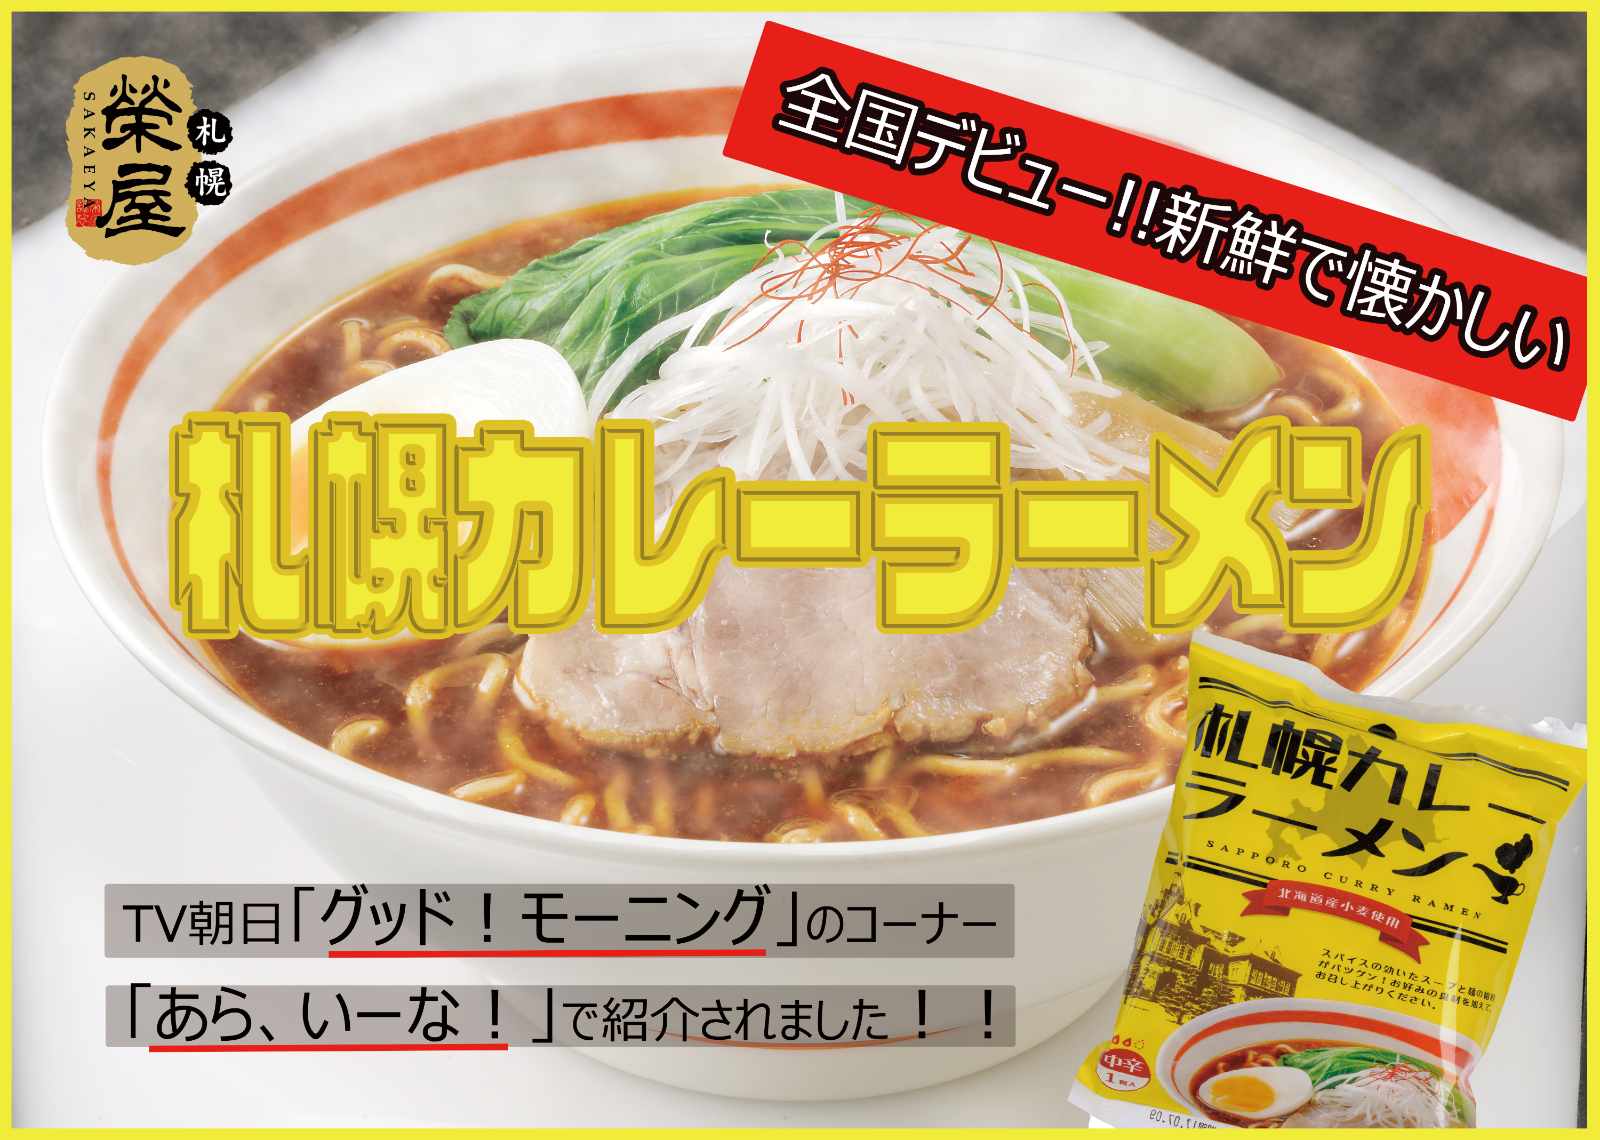 テレビ朝日「グットモーニング」で弊社製品「札幌カレーラーメン」が紹介されました!